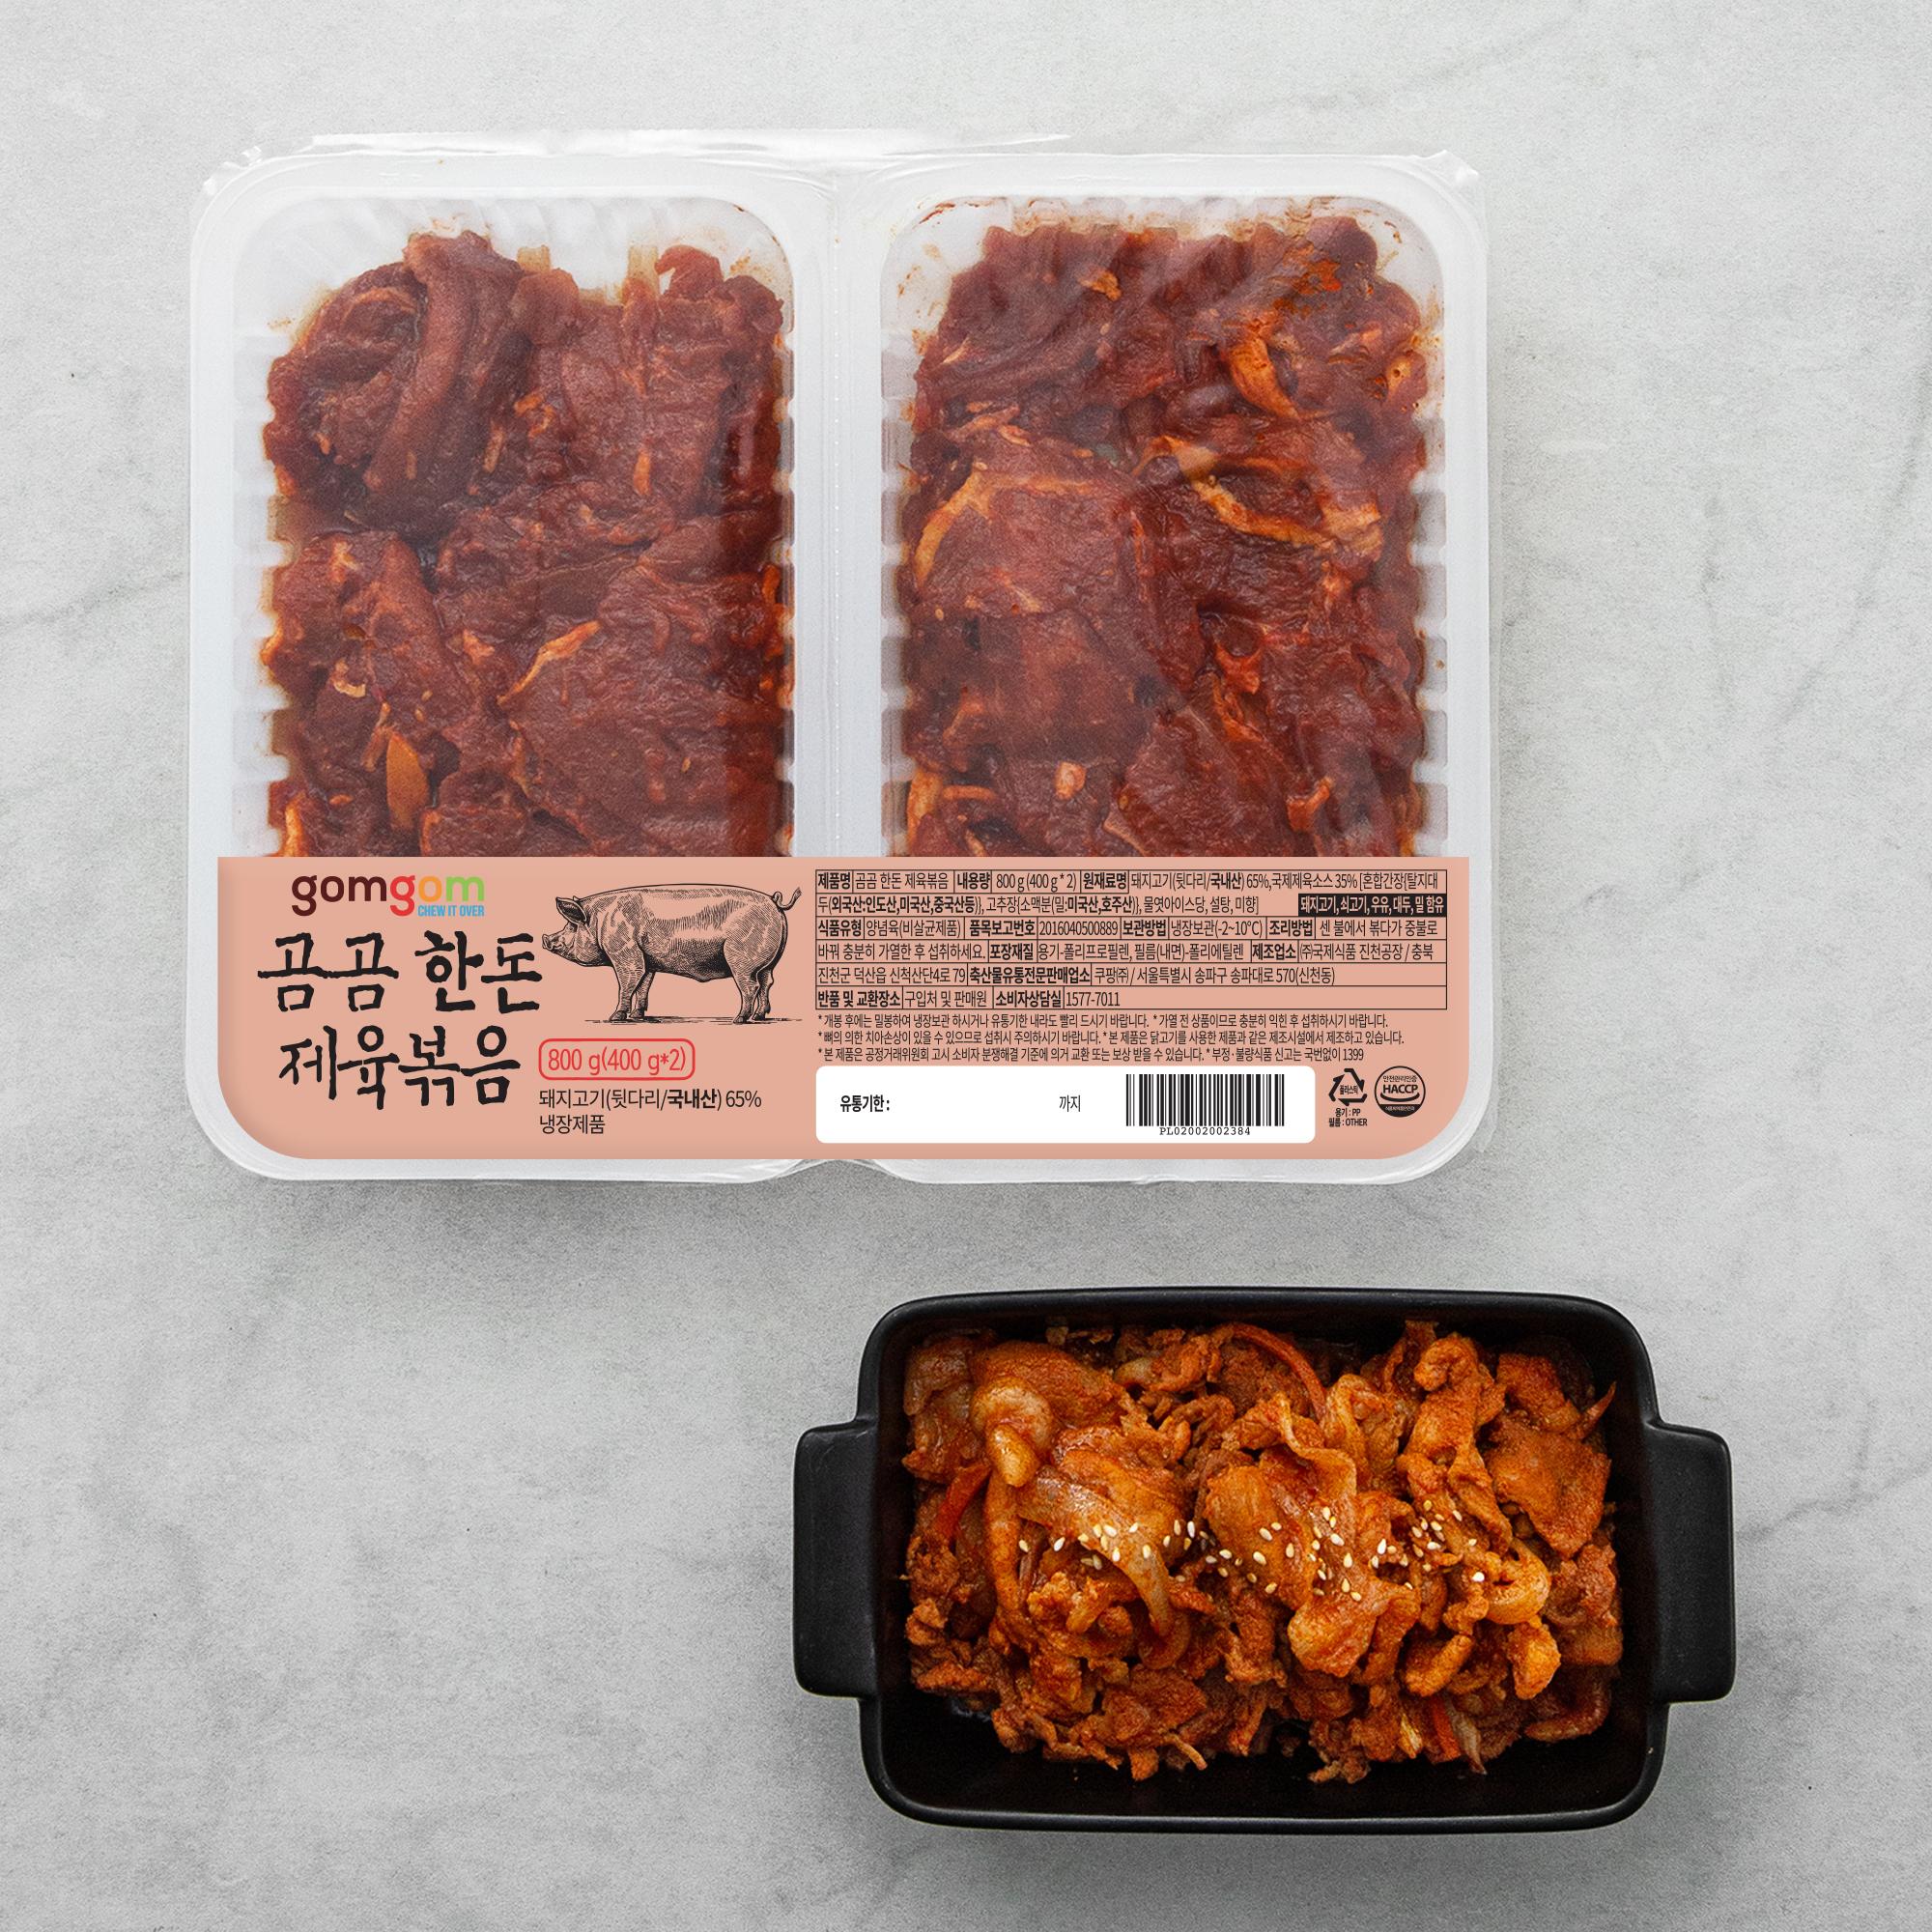 곰곰 국내산 제육 볶음 (냉장), 400g, 2개